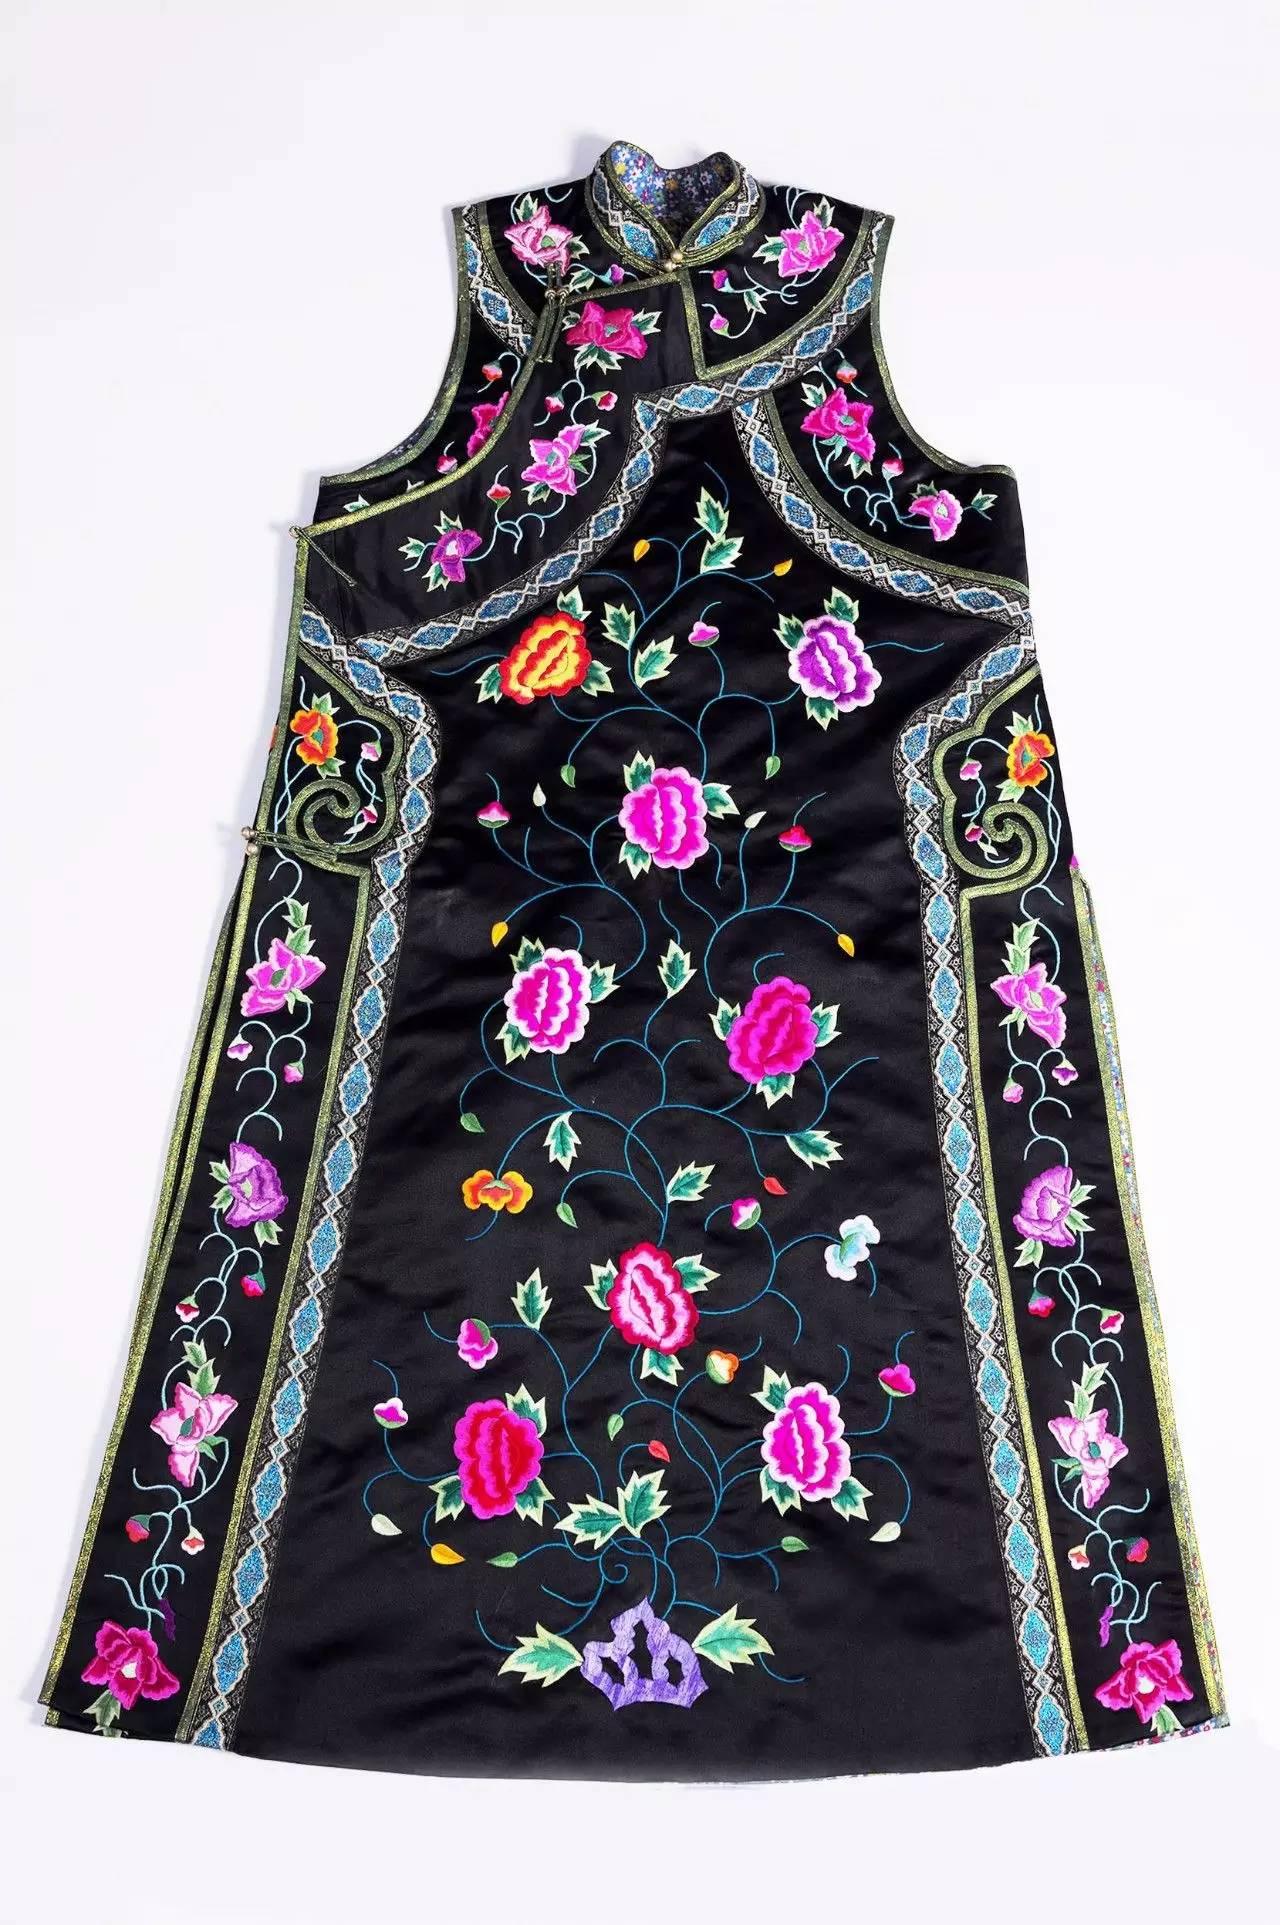 蒙古族刺绣非遗传承人——萨义玛 第11张 蒙古族刺绣非遗传承人——萨义玛 蒙古工艺